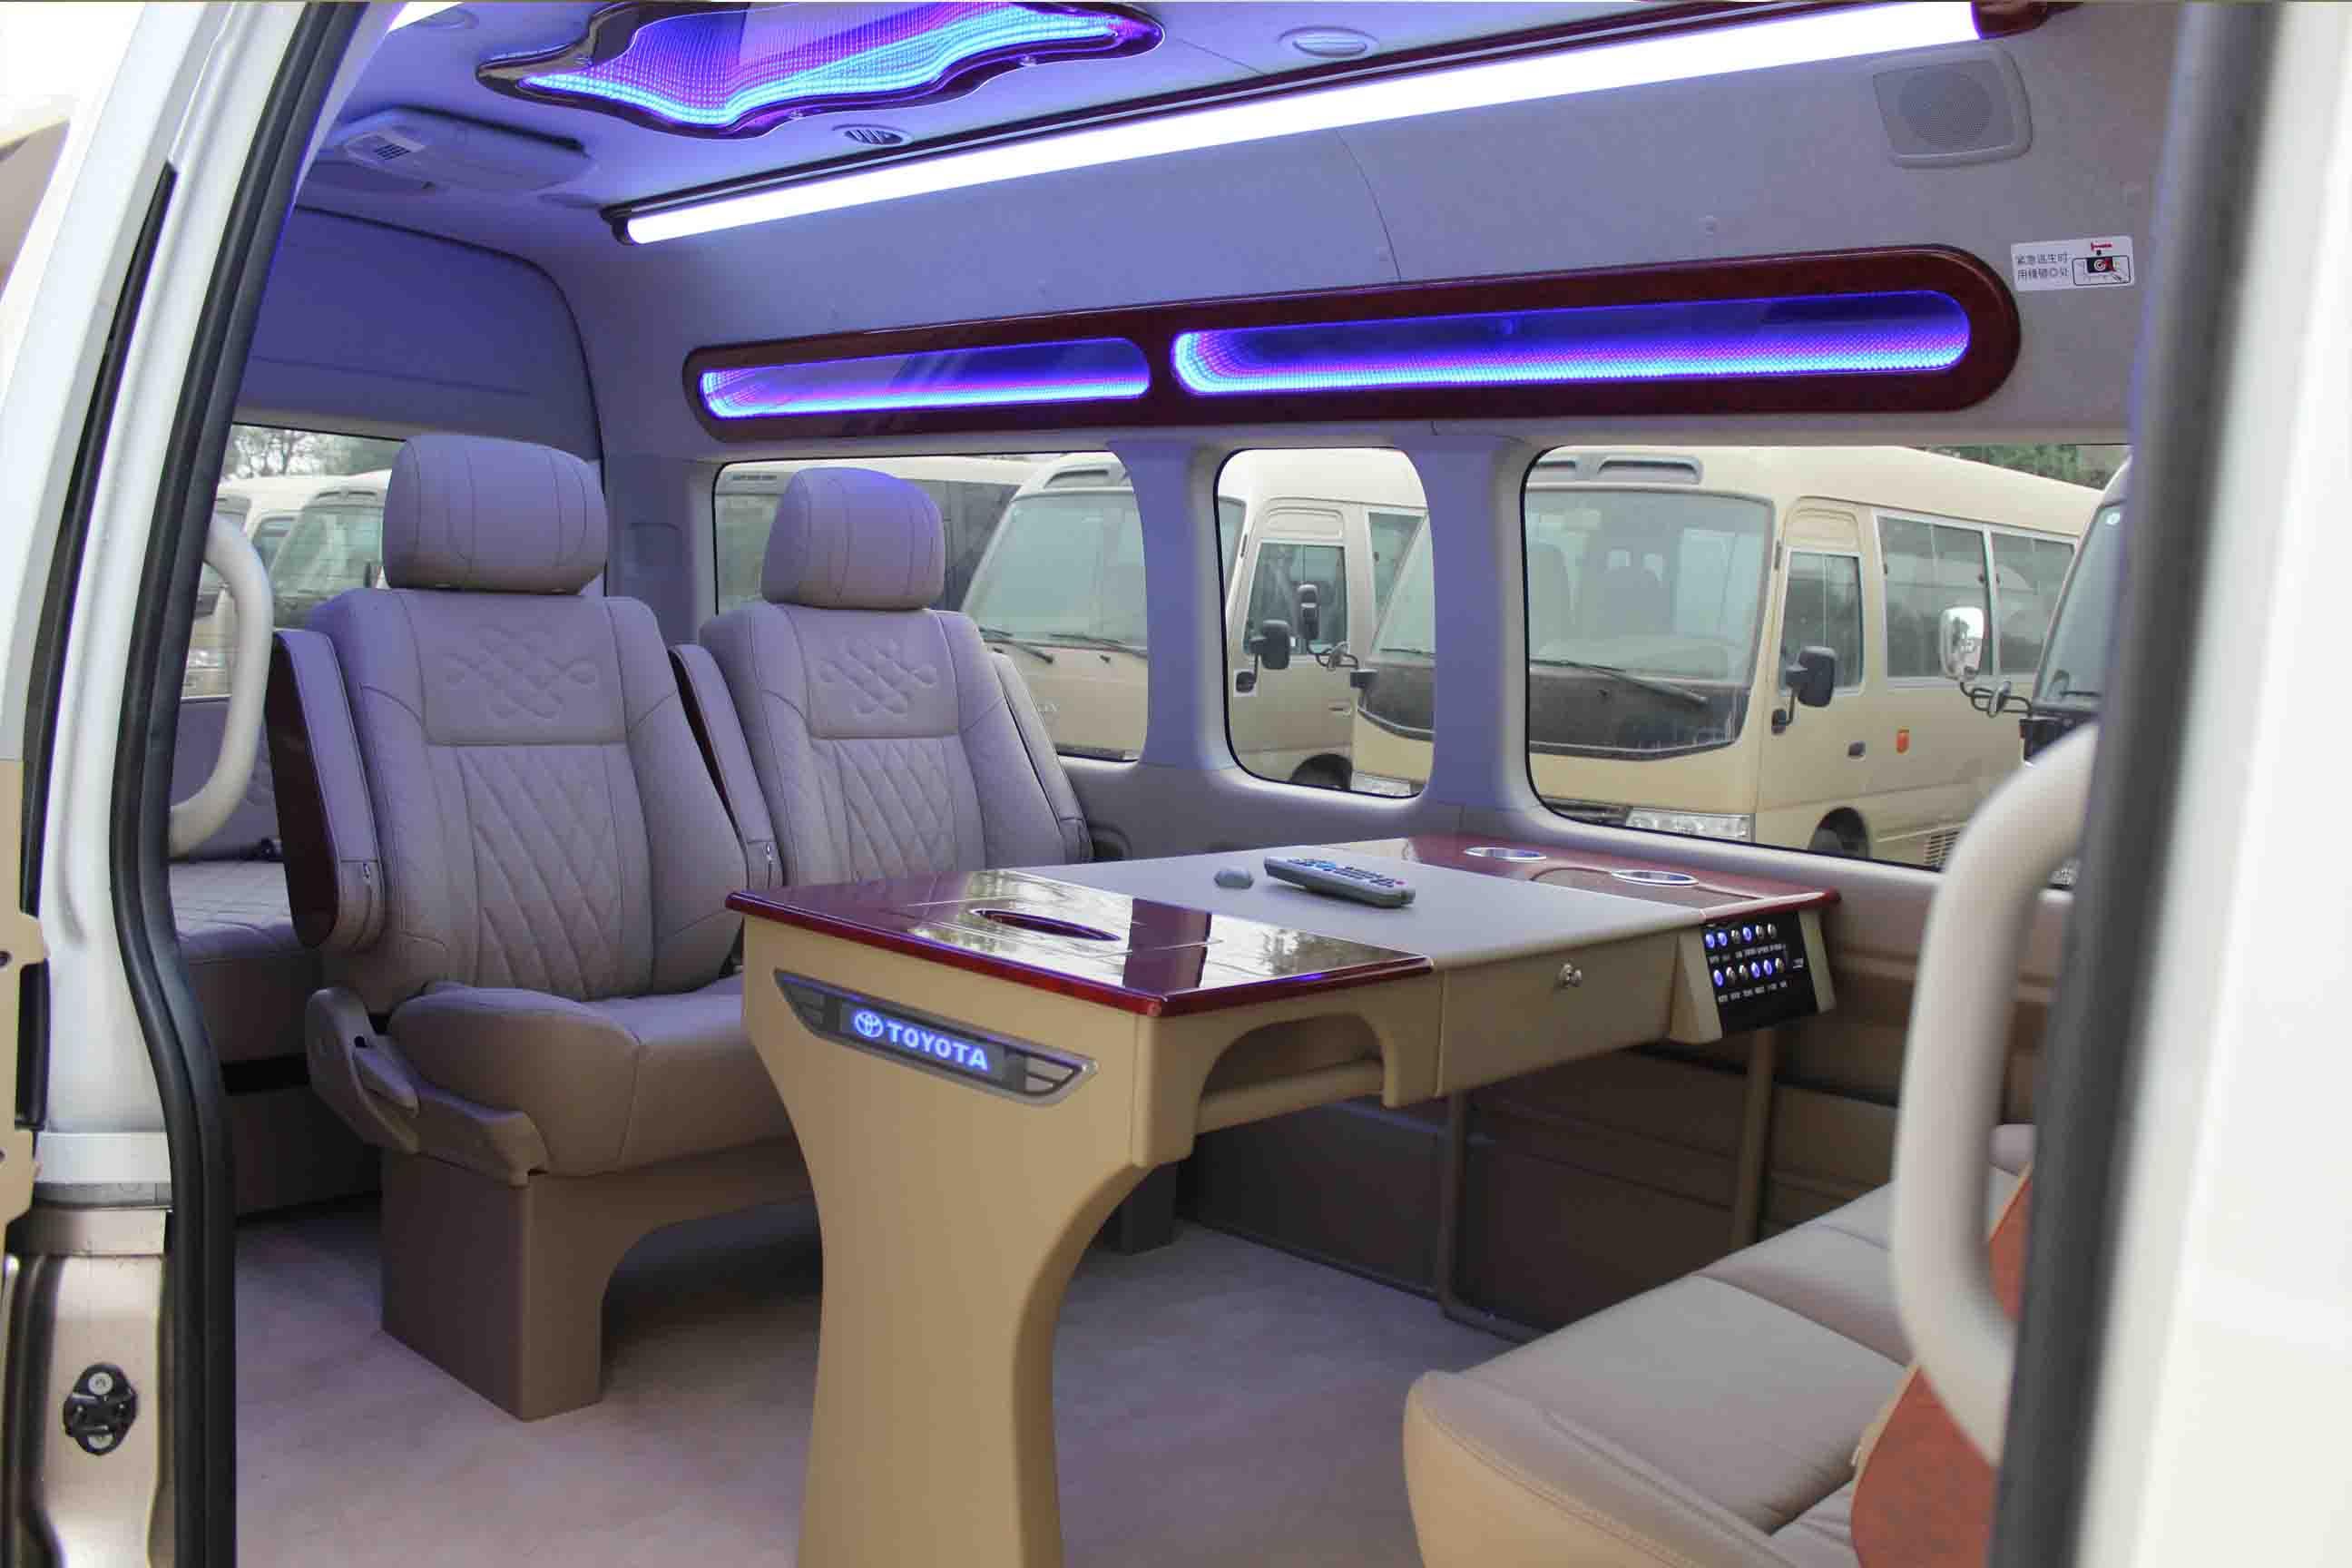 丰田海狮2.7L作为丰田家族高端商旅用车进口到中国以来,一直深受中国消费者喜爱,以政府采购为主,无论是车内的舒适性还是静音性都达到了日系车的一个新高度。    新式的前雾灯、大型的散热器保护罩以及与车身同色的缓冲器,加上高品质的先进设计,使海狮的吸引力锐不可挡。    丰田海狮2.